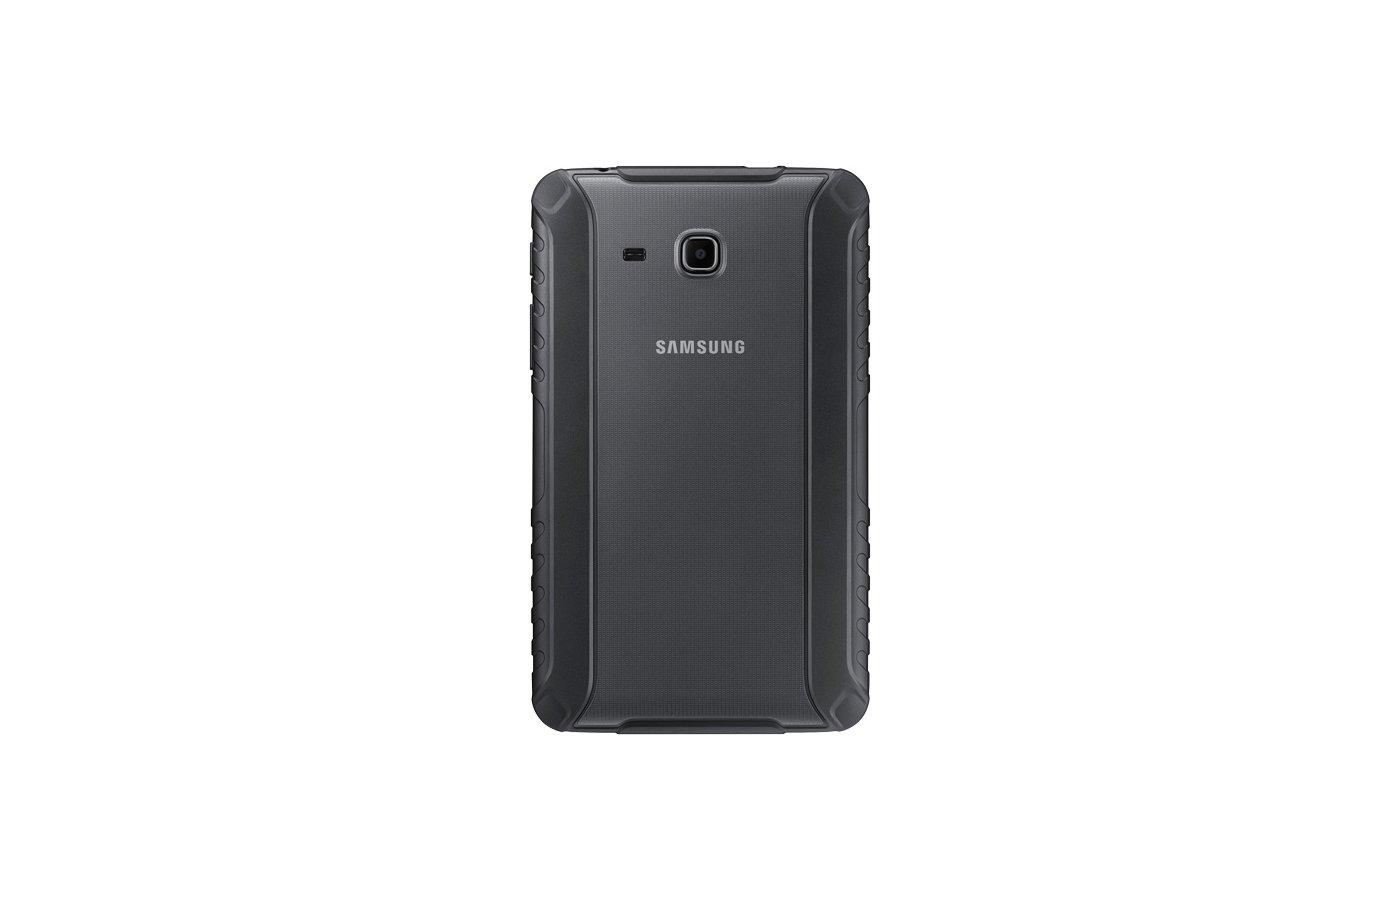 Чехол для планшетного ПК Samsung для Samsung Galaxy Tab A 7.0 Protective Cover полиуретан/поликарбонат черный (EF-PT280CBEGRU